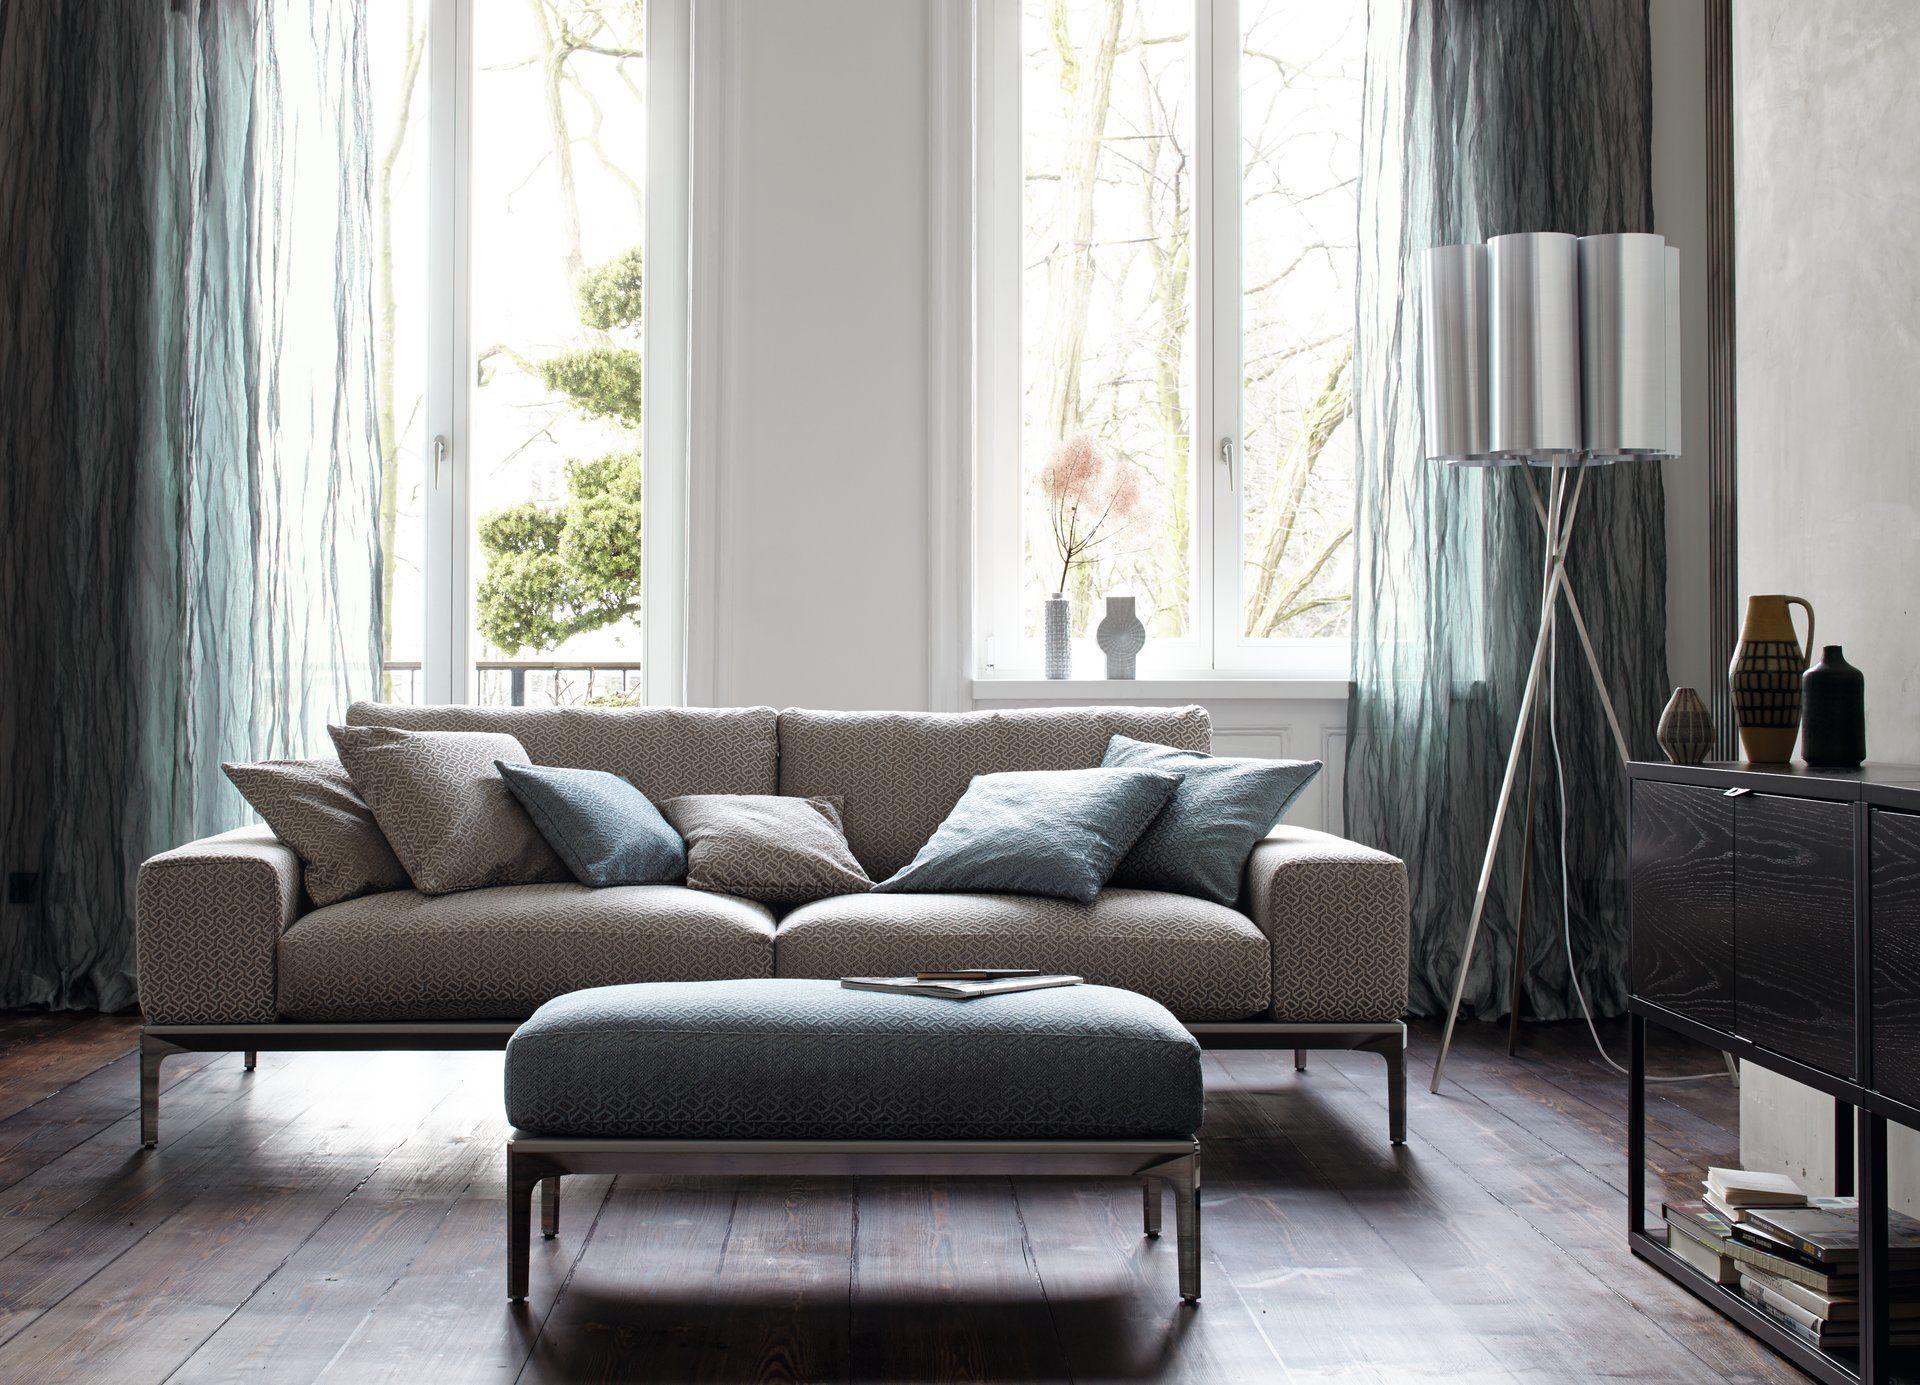 Vorhang Ideen Fur Jeden Raum Im Kreis Lichtenfels Kulmbach Kronach Home Home Decor Single Sofa